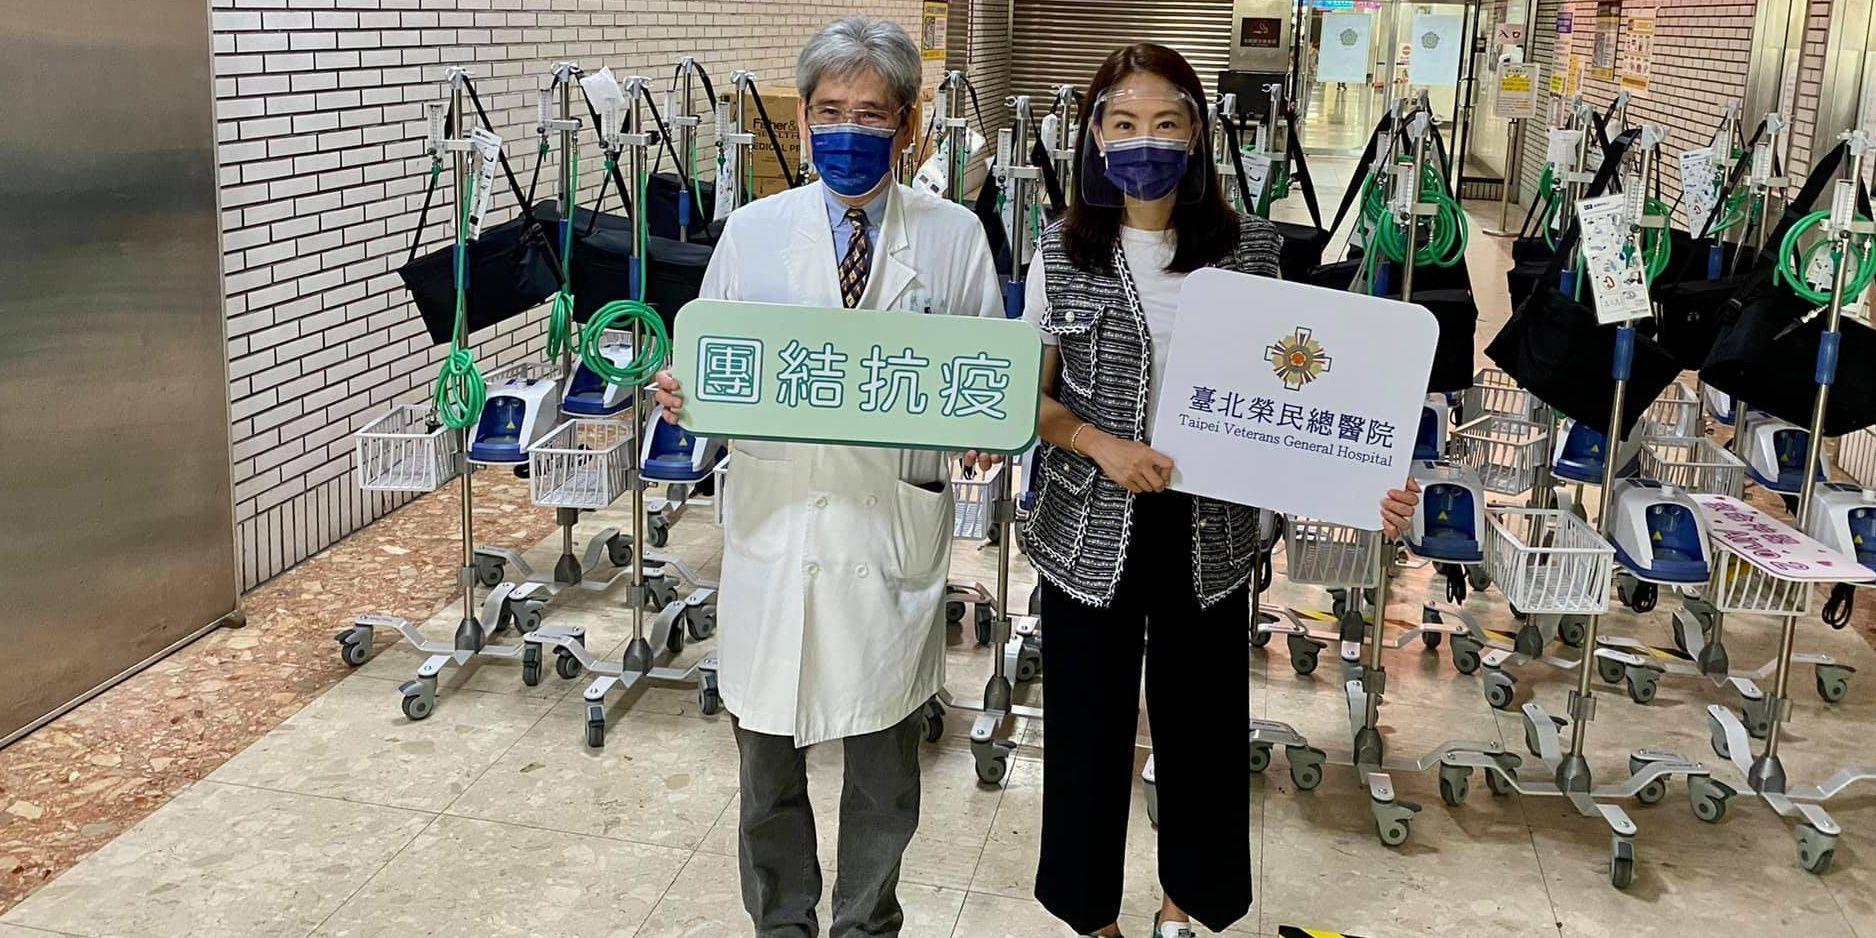 賈永婕捐贈物資超暖心,攜手各企業「神隊友」一起支持第一線醫護人員!